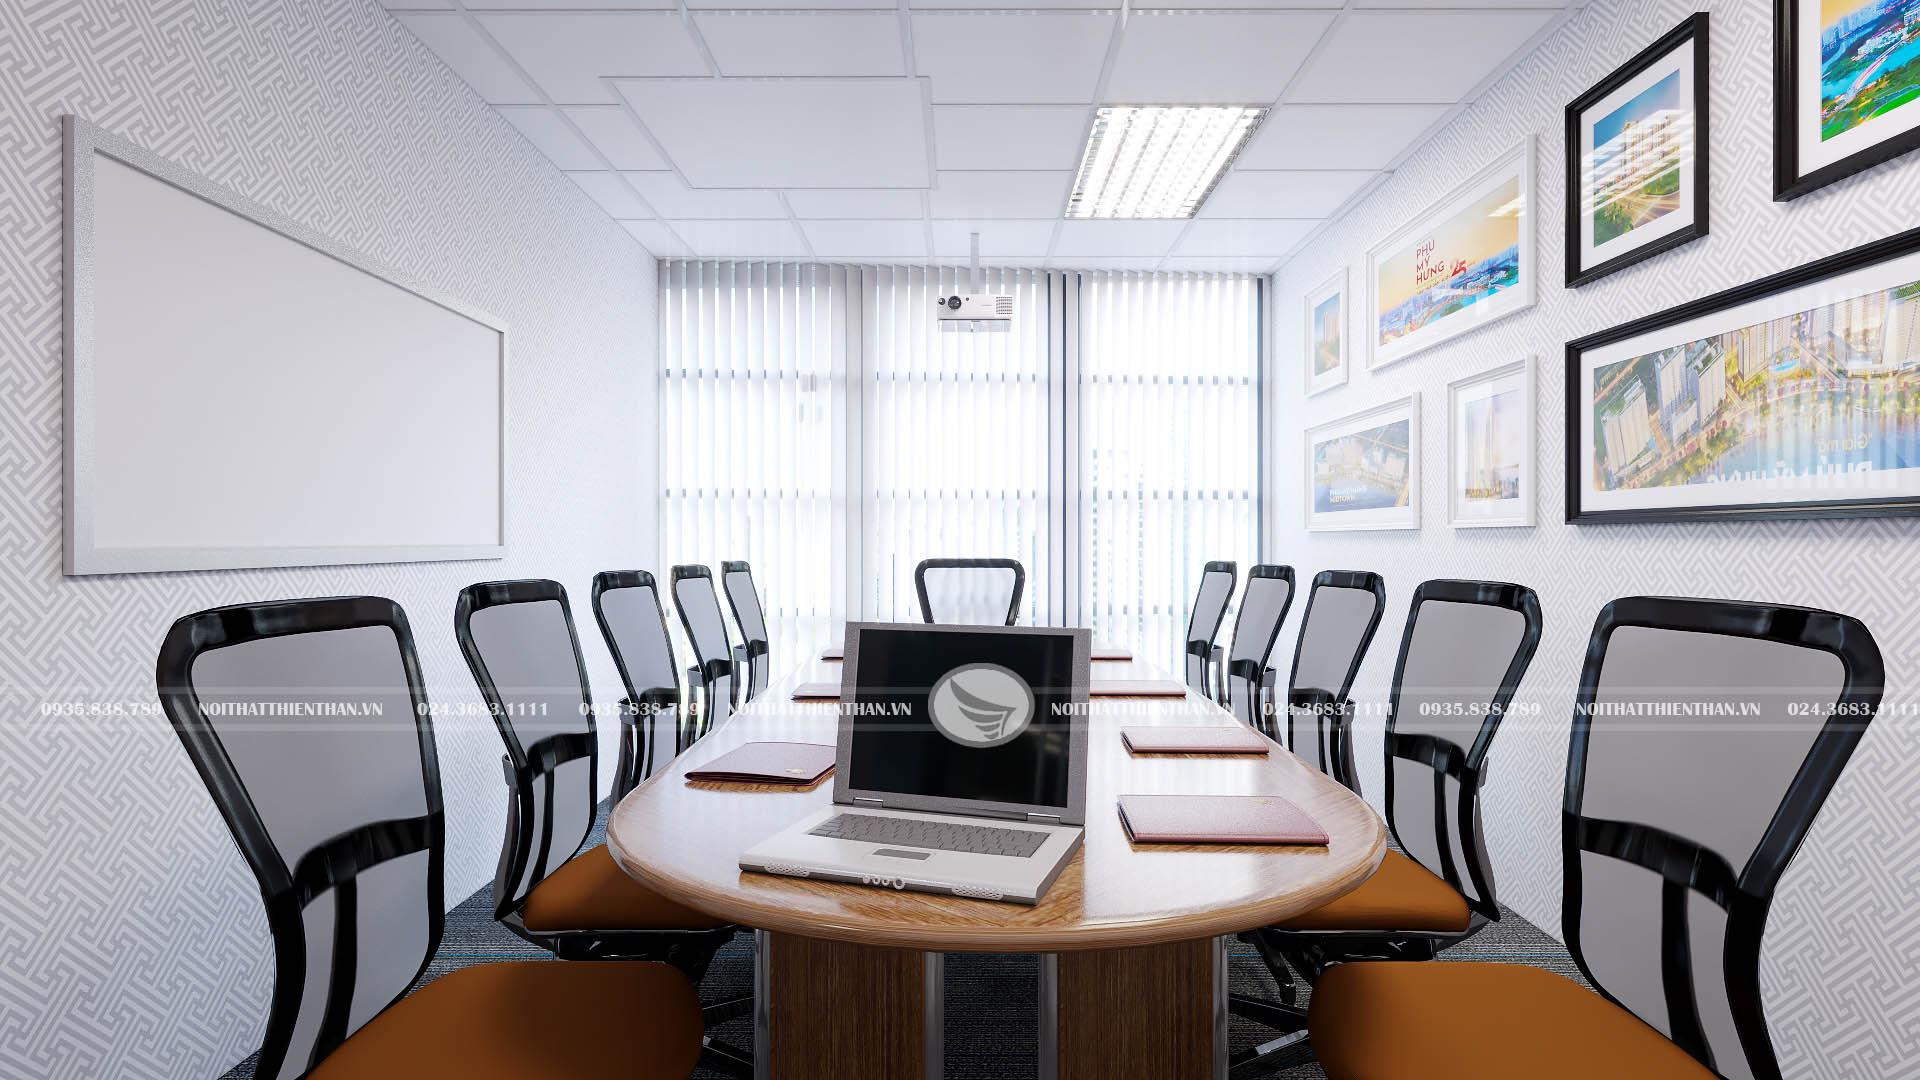 nội thất phòng họp lấy cảm hứng sáng tạo